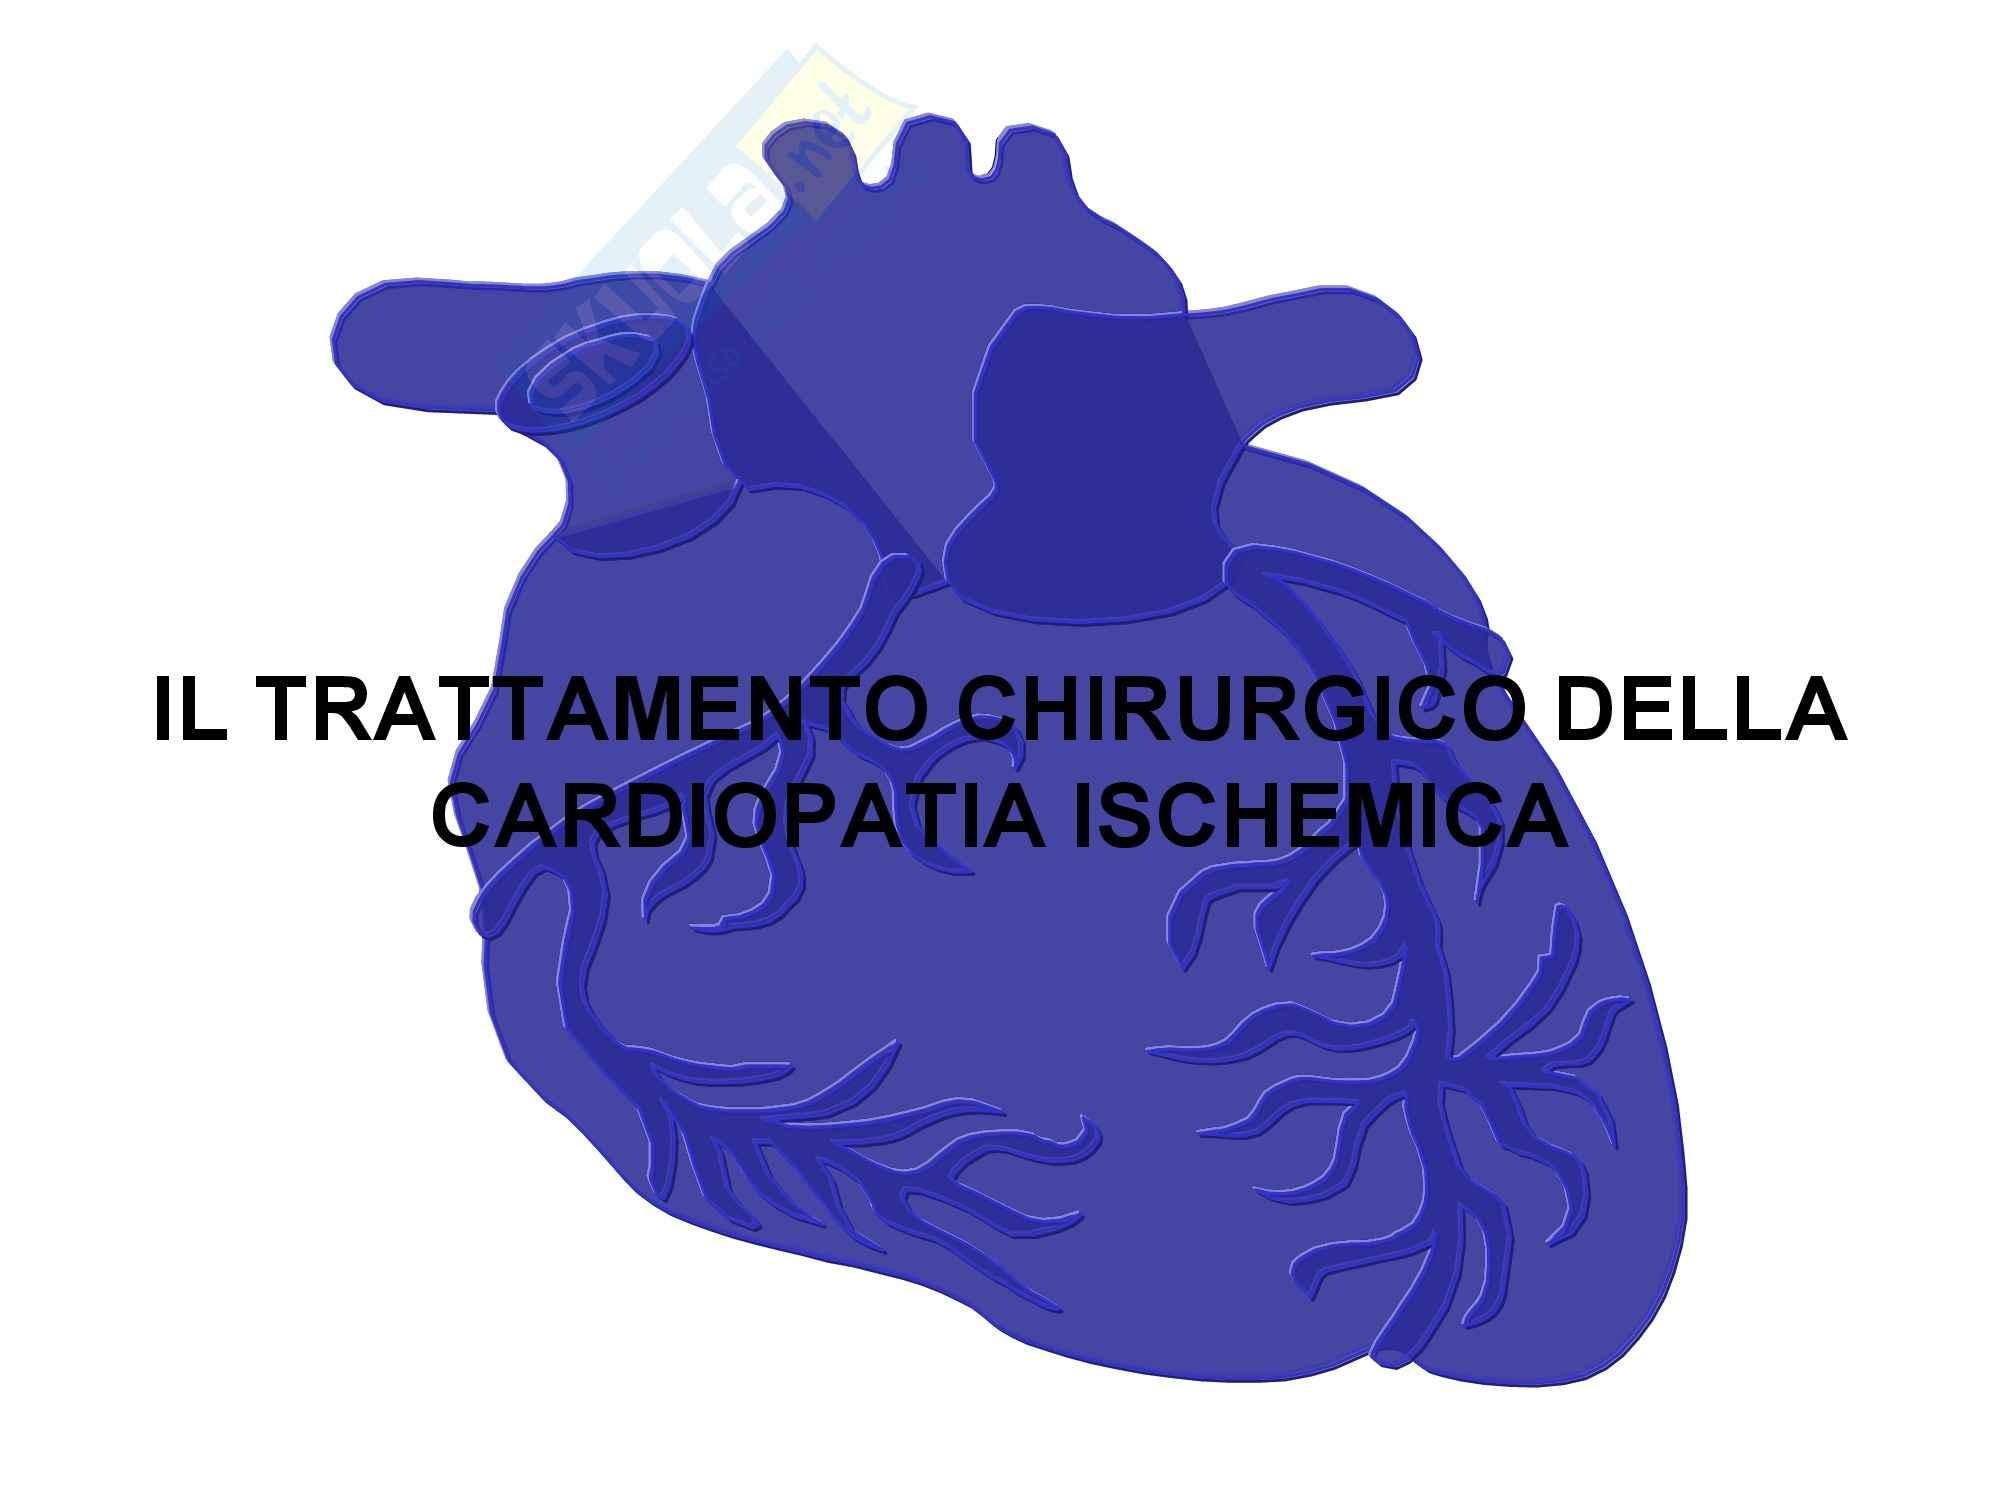 Cardiochirurgia - terapia chirurgica della cardiopatia ischemica